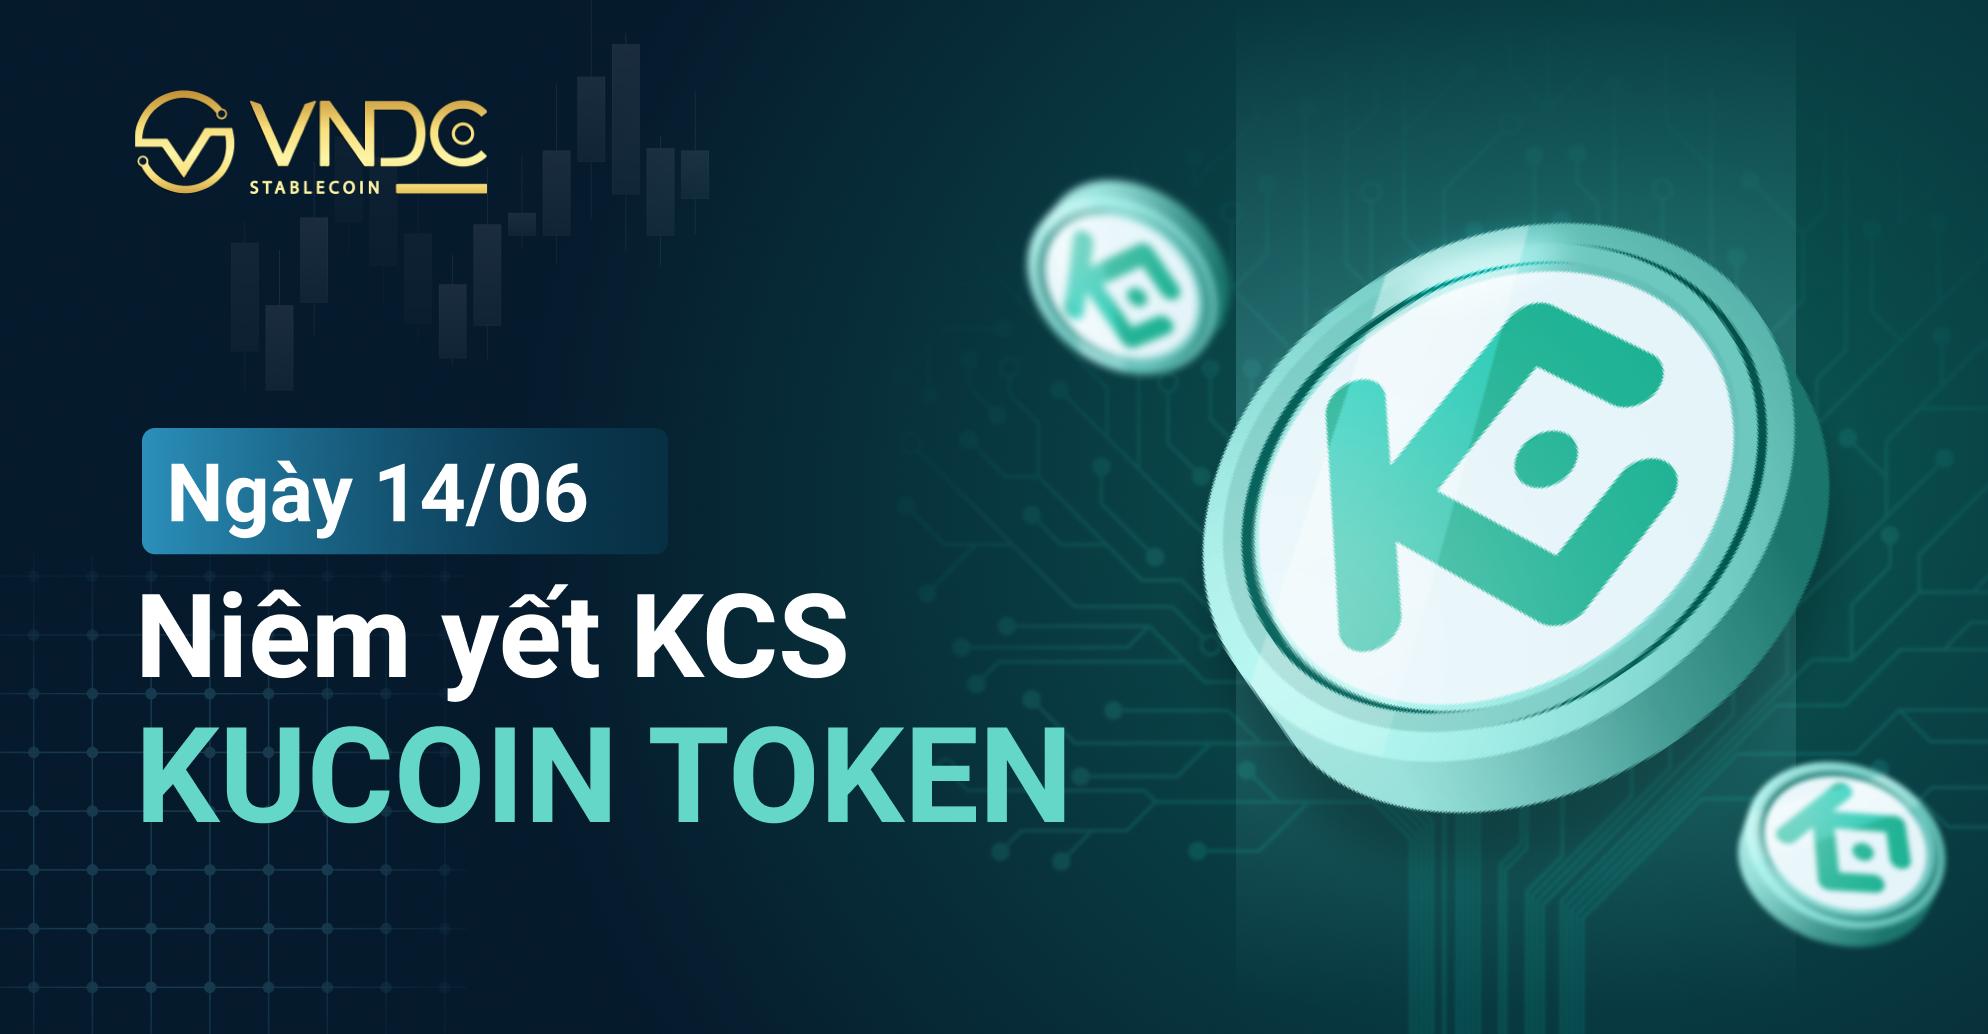 Chính thức niêm yết KuCoin Shares Token (KCS) trên VNDC Wallet hôm nay 14/06